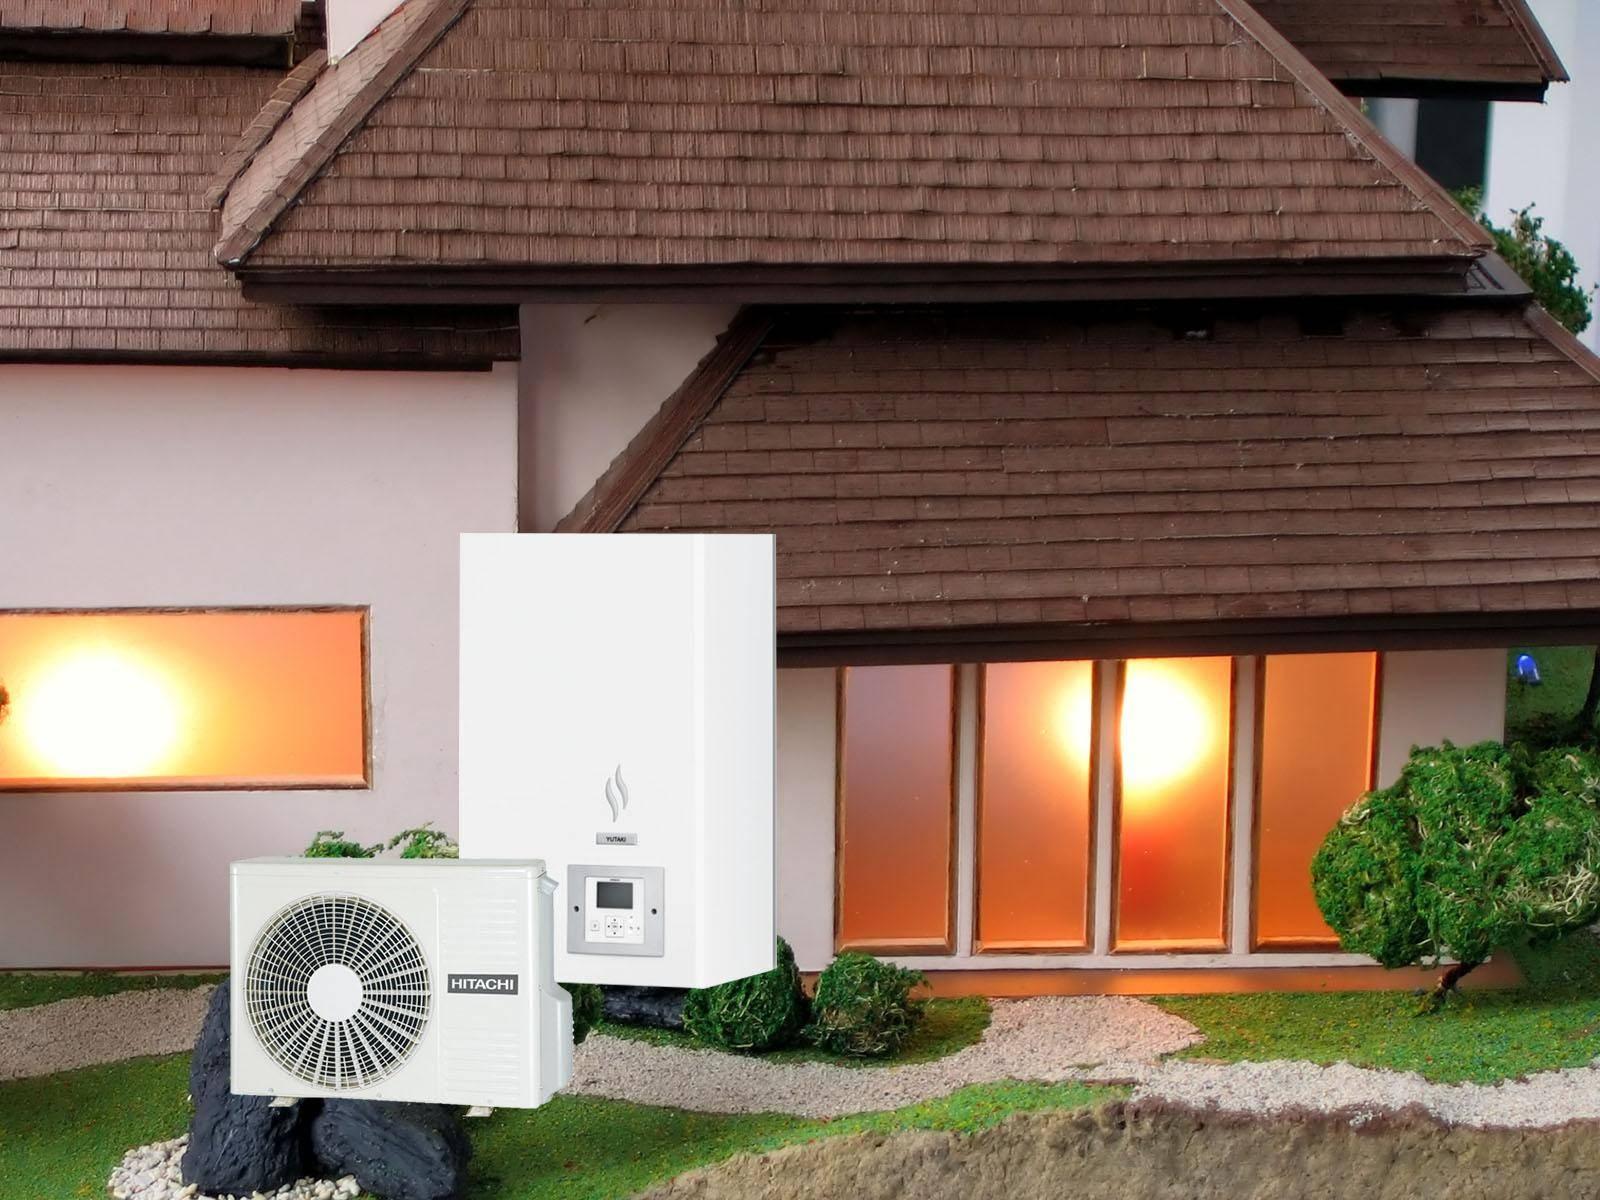 Энергосберегающее отопление частного дома: выбираем энергоэффективные отопительные системы, электроотопление, инфракрасные панели